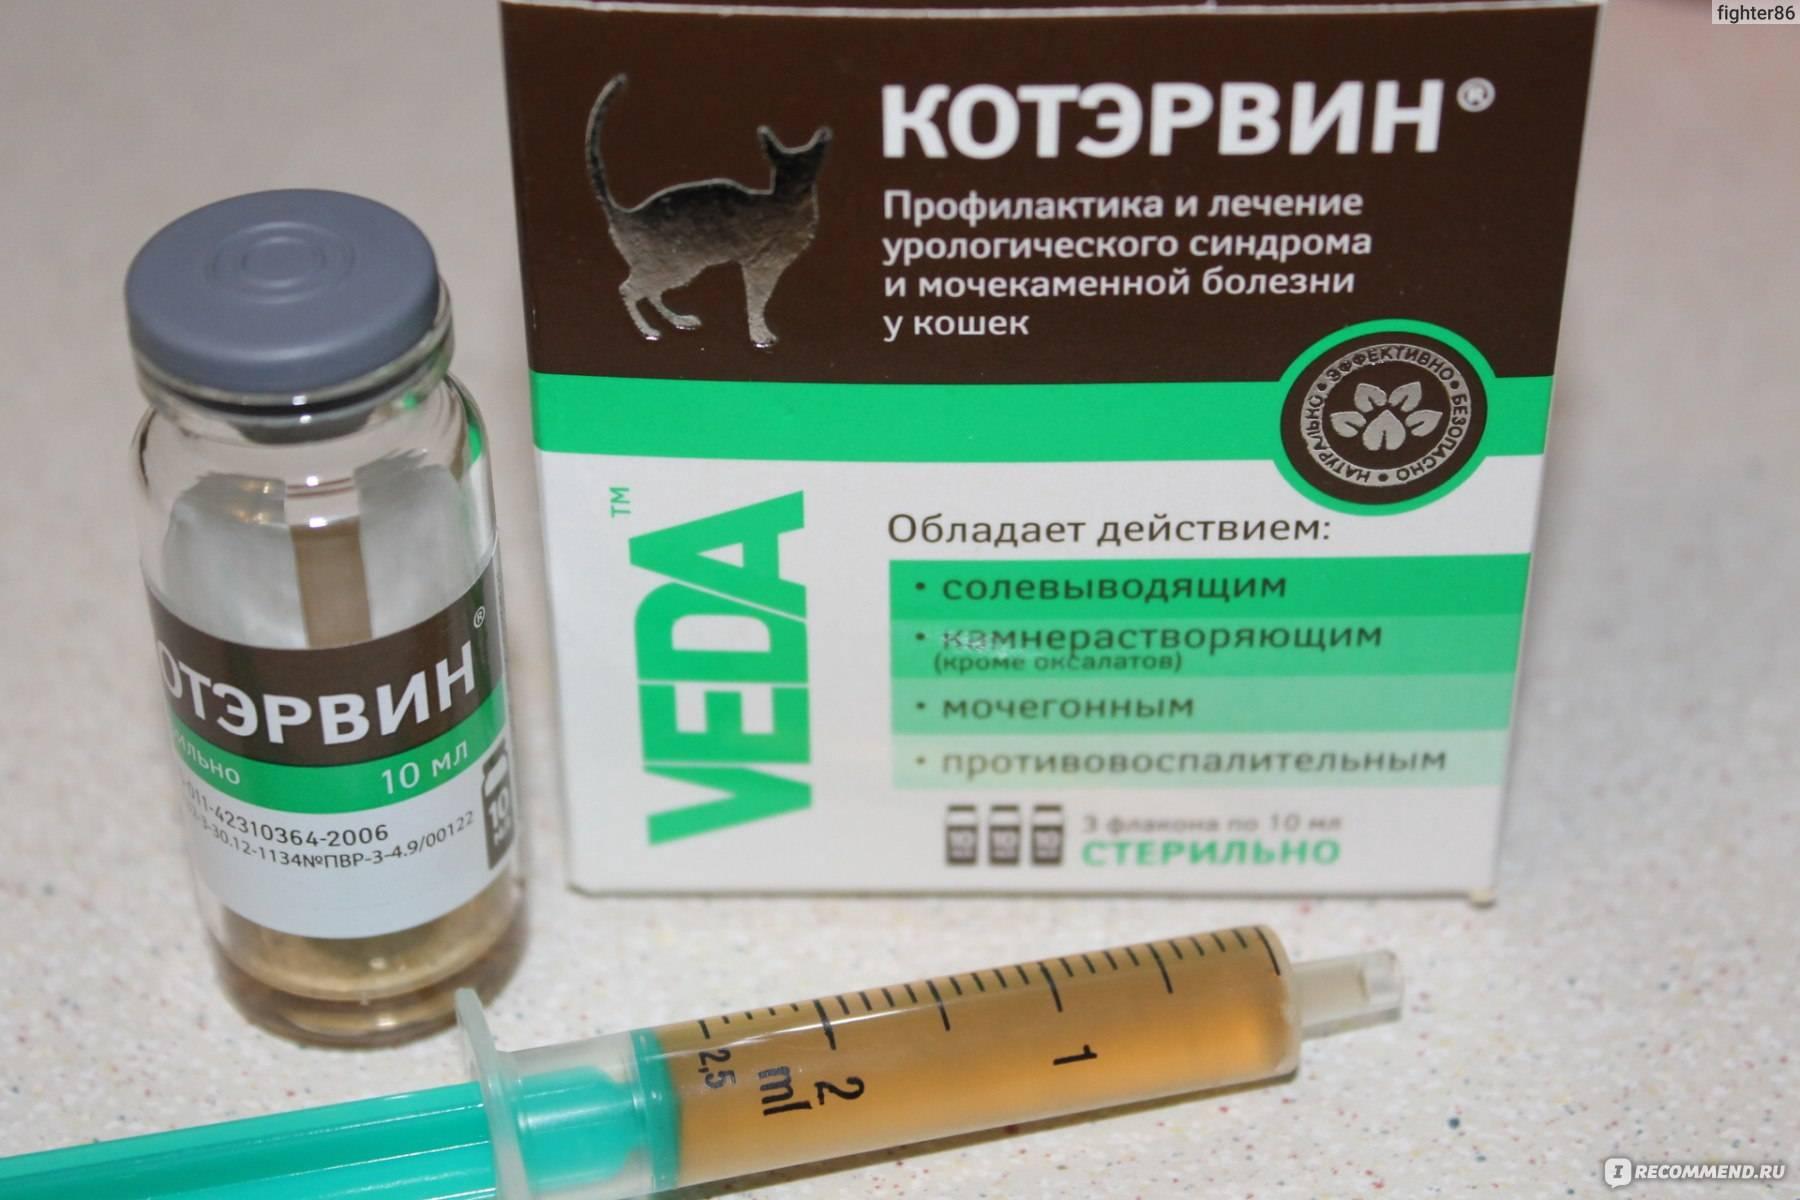 Клинический опыт применения препарата котэрвин прилечении уроциститаукотов